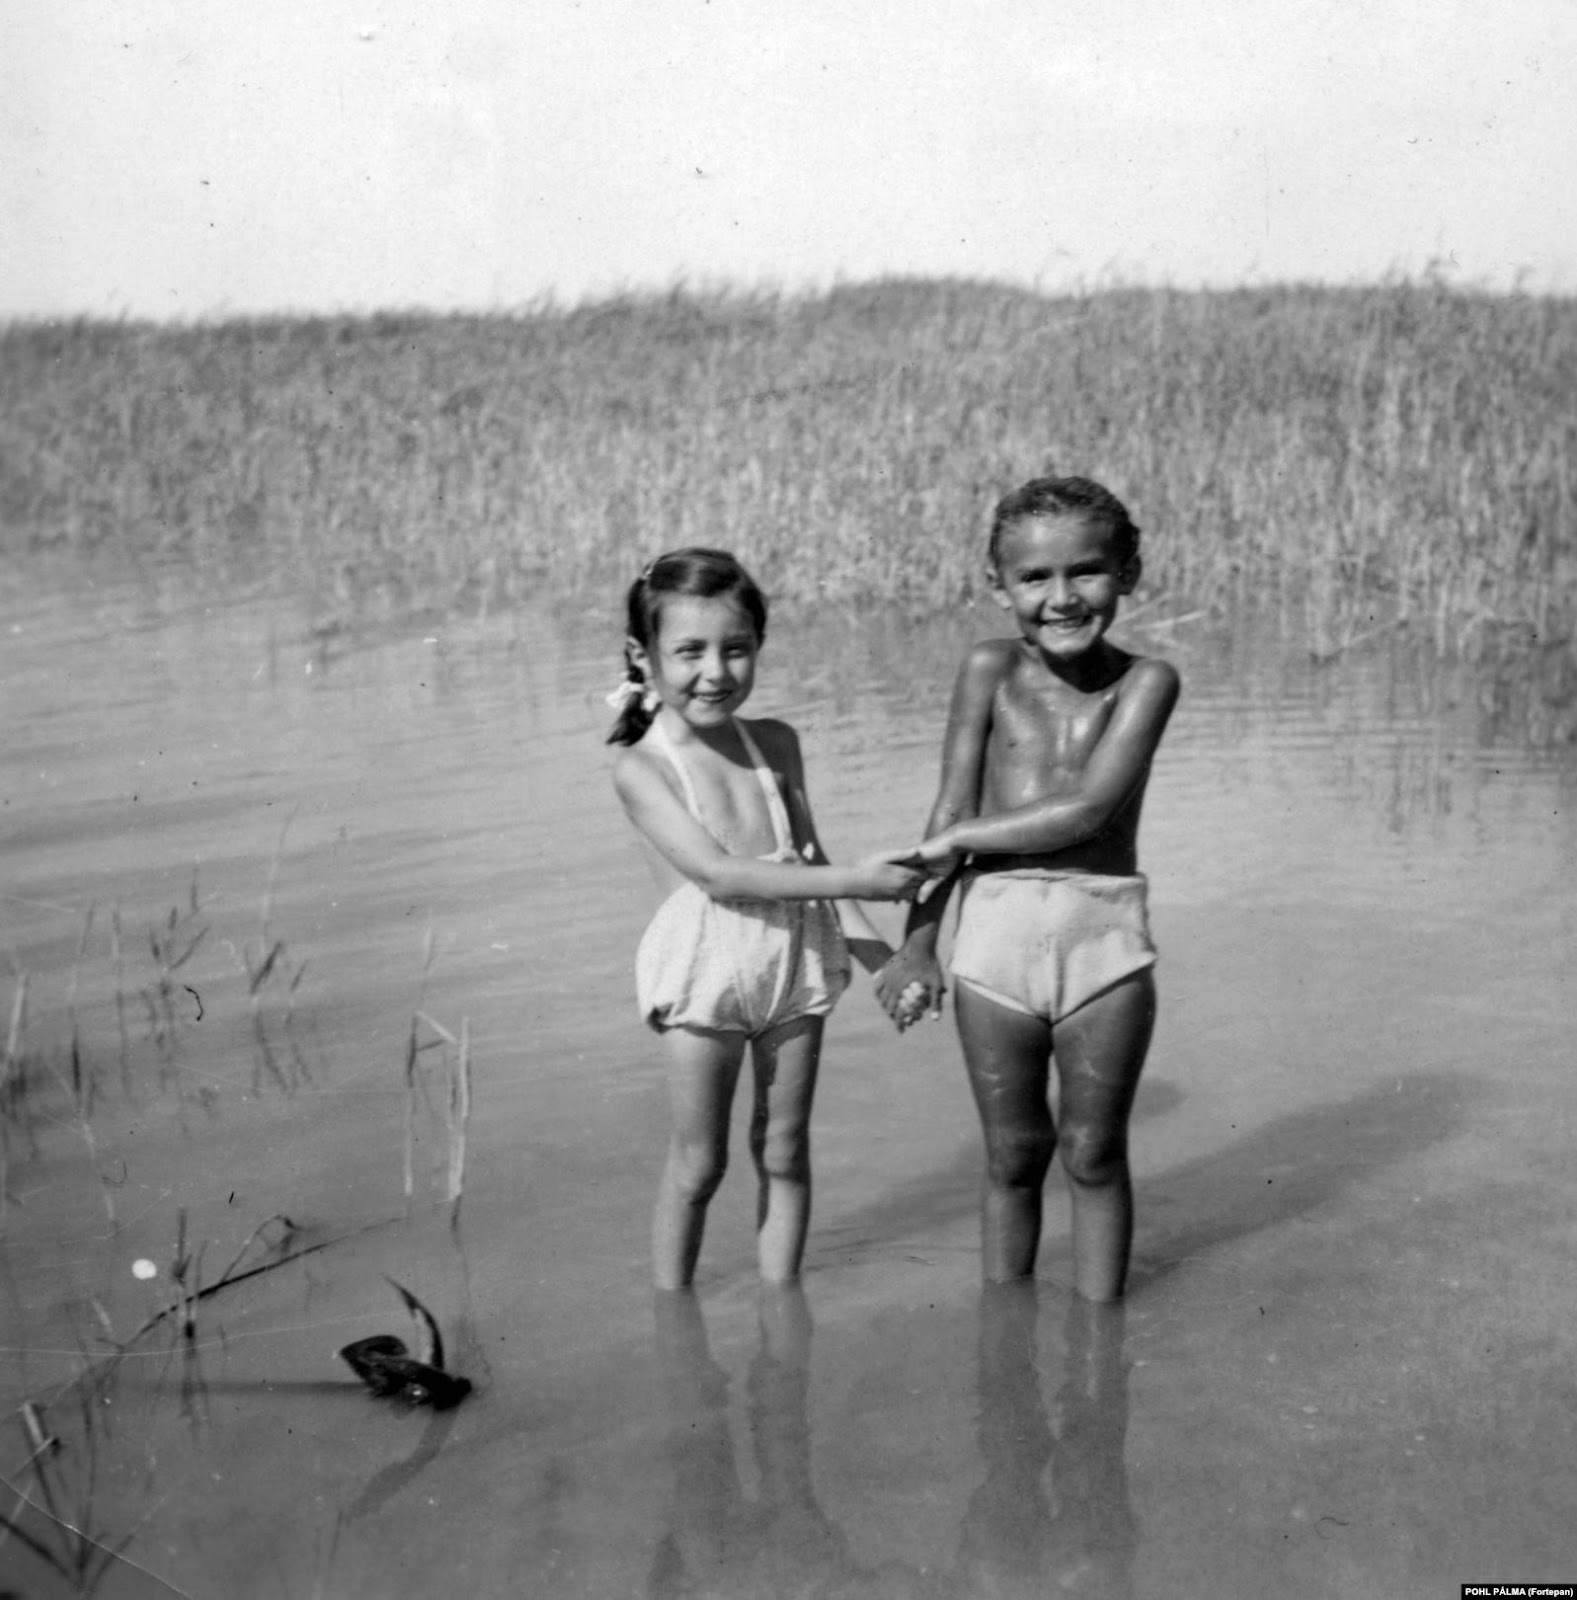 В архиве Фортепан есть и фотографии, далекие от политики или конфликтов, которые переживала страна. Вот, например, фотография двух девочек на озере Балатон в 1954 году